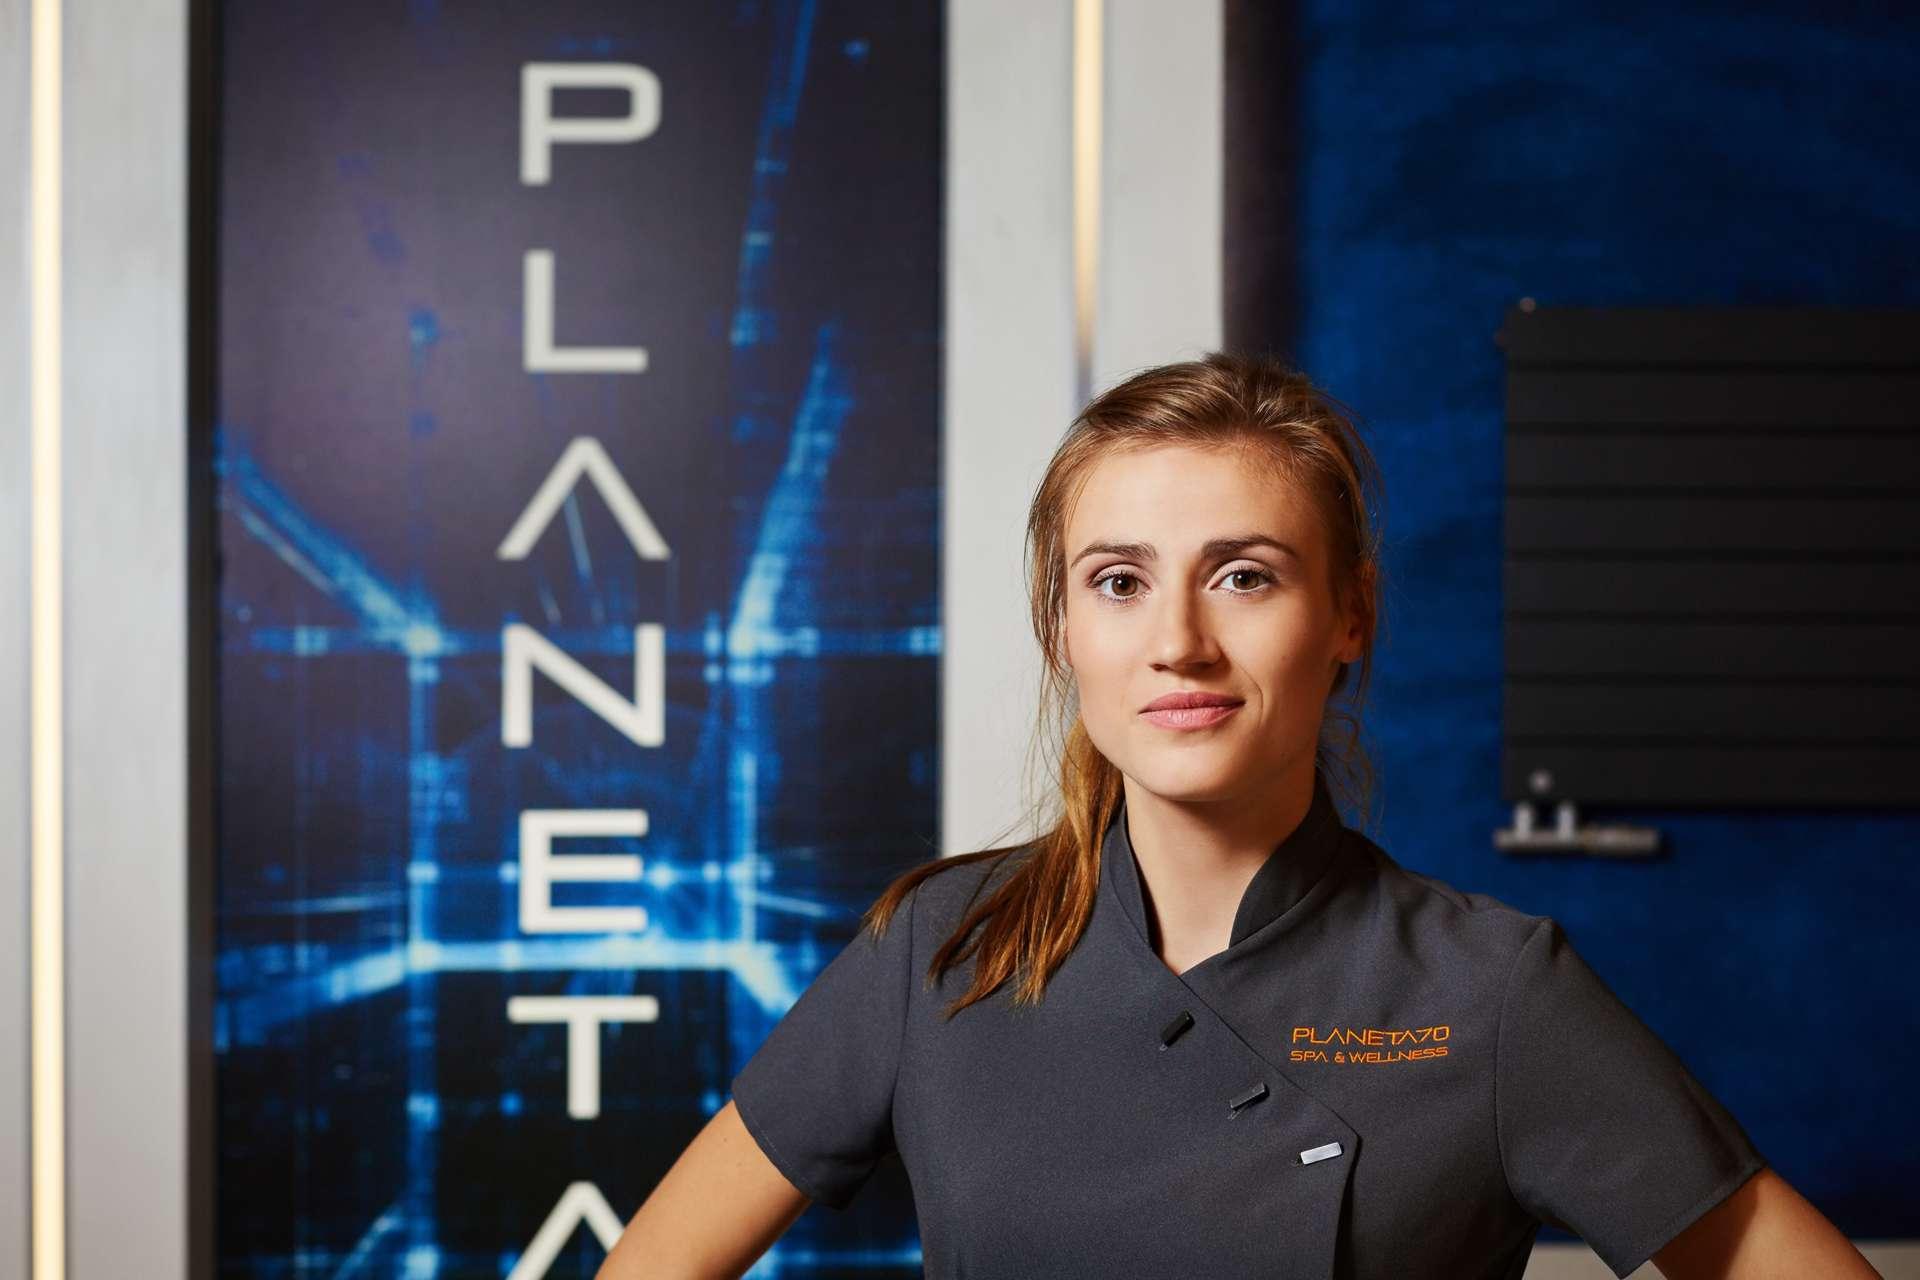 Planeta 70 SPA